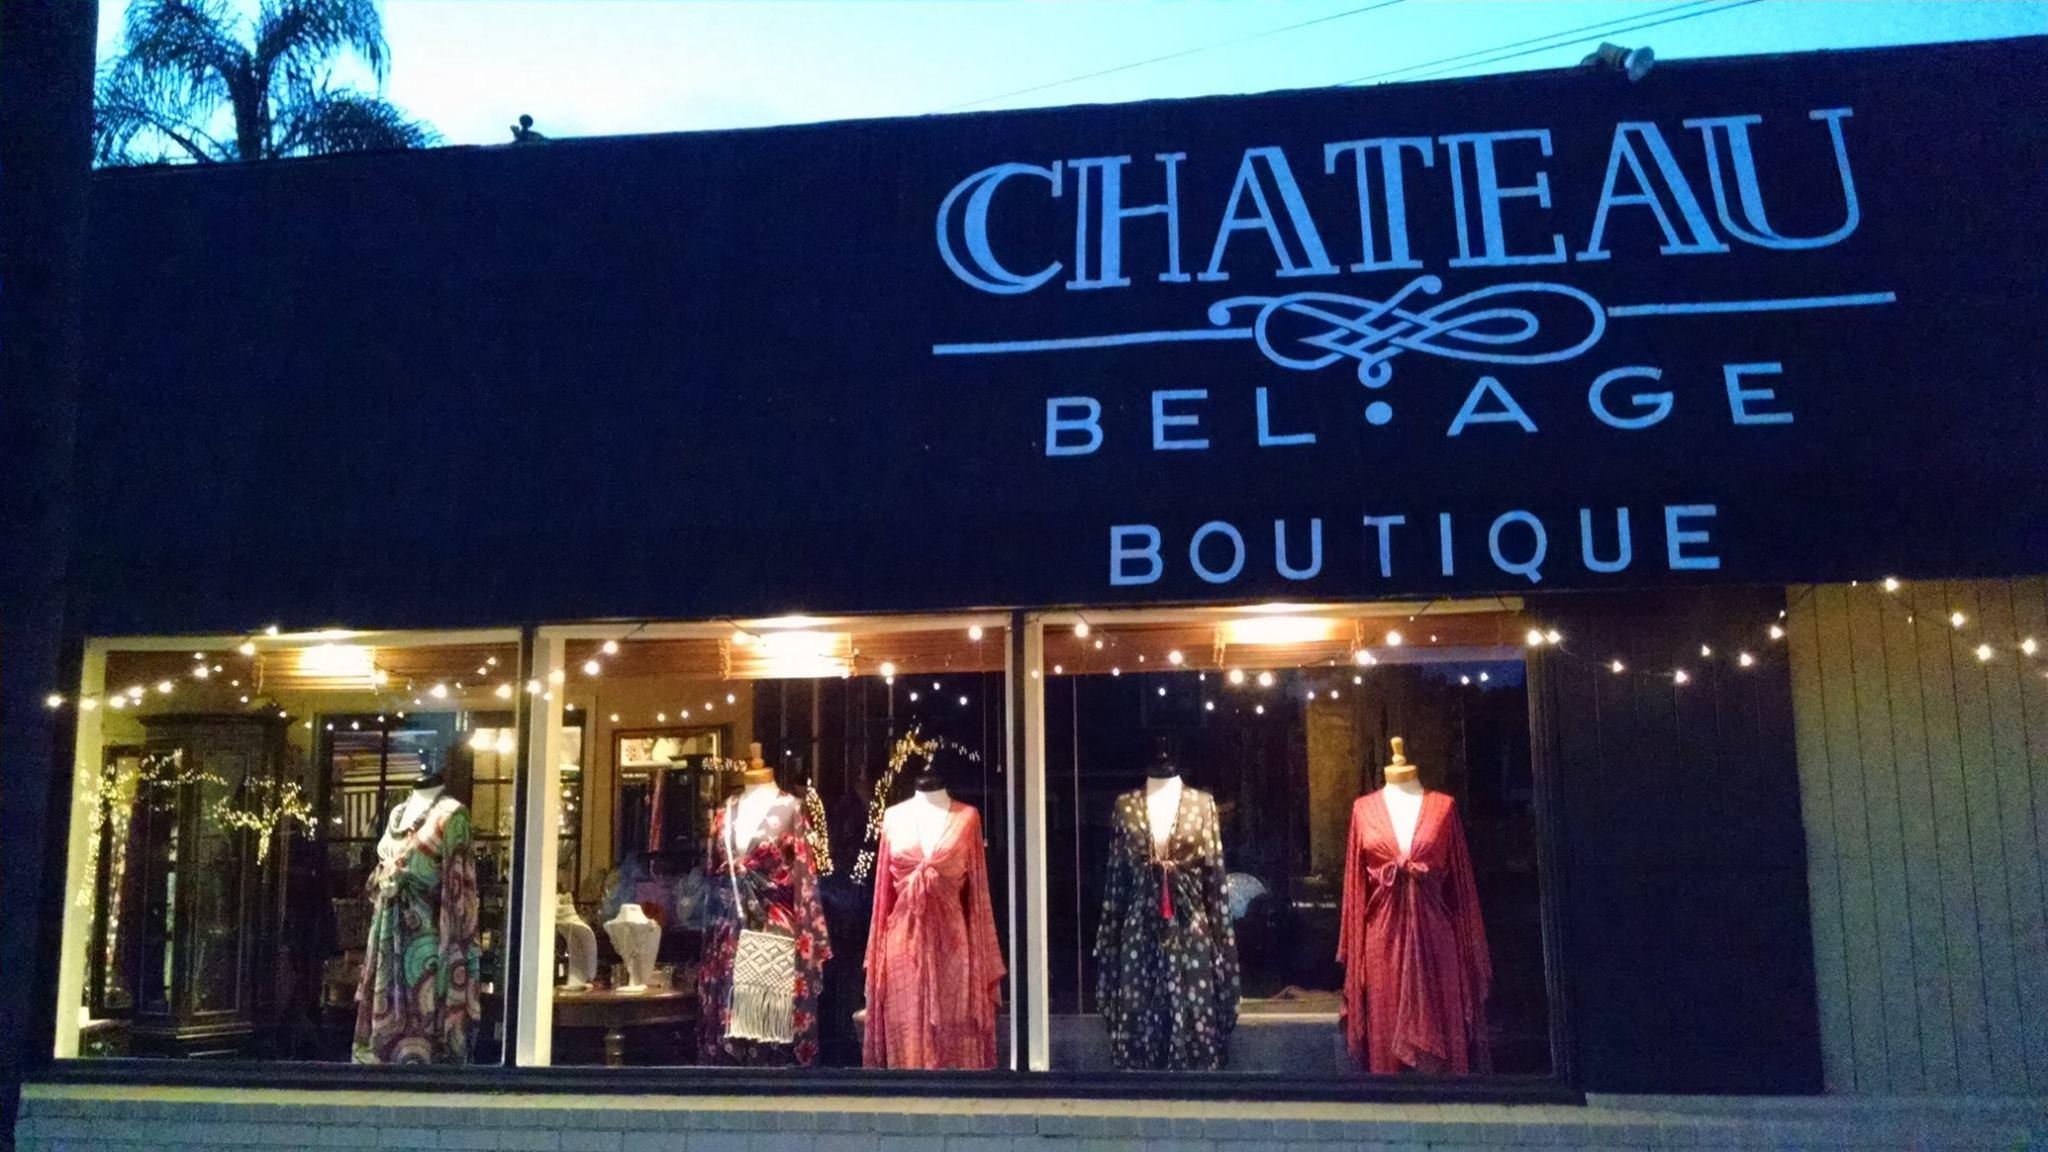 Chateau Bel Age Boutique